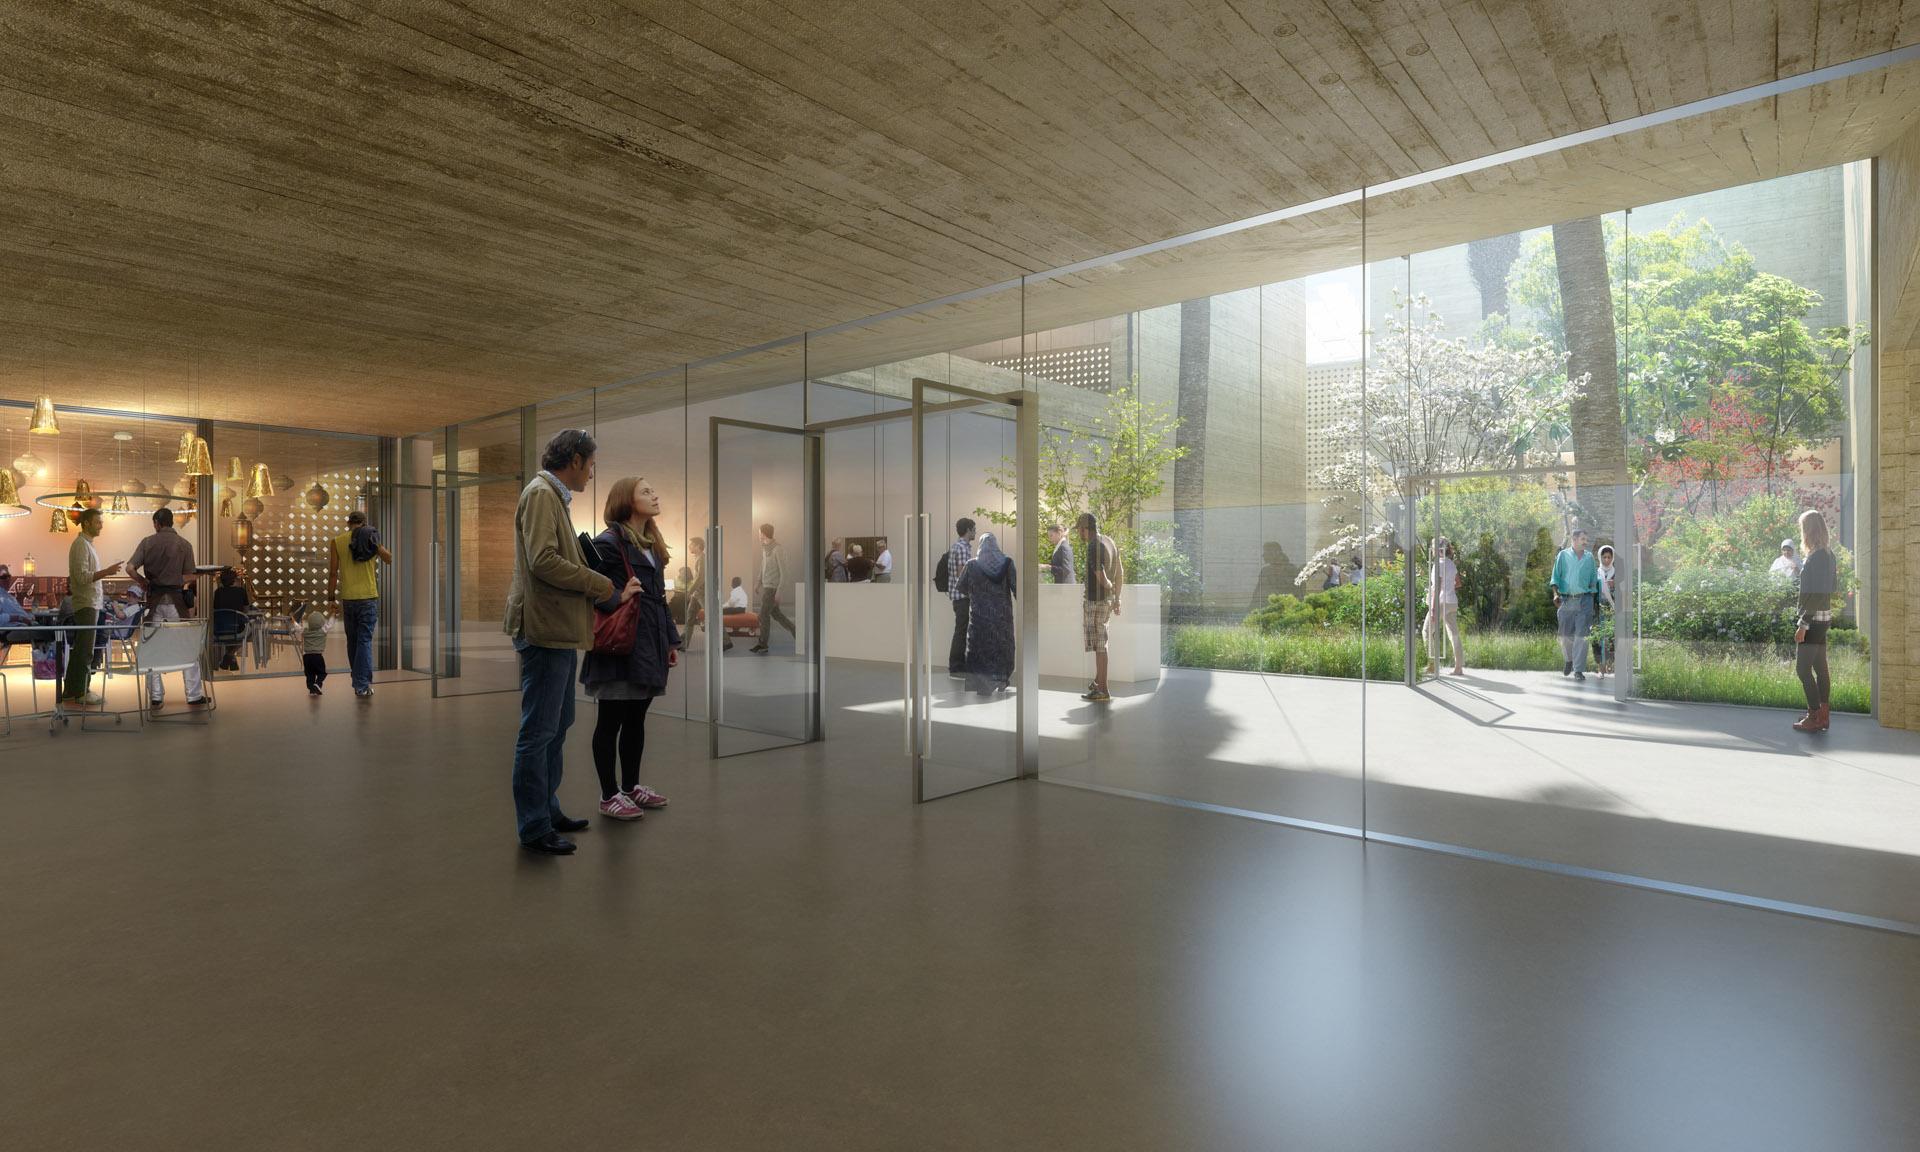 Perspective de concours - Agence Vezzoni & Associés - Architectes - Musée Dakhal à Marrakech